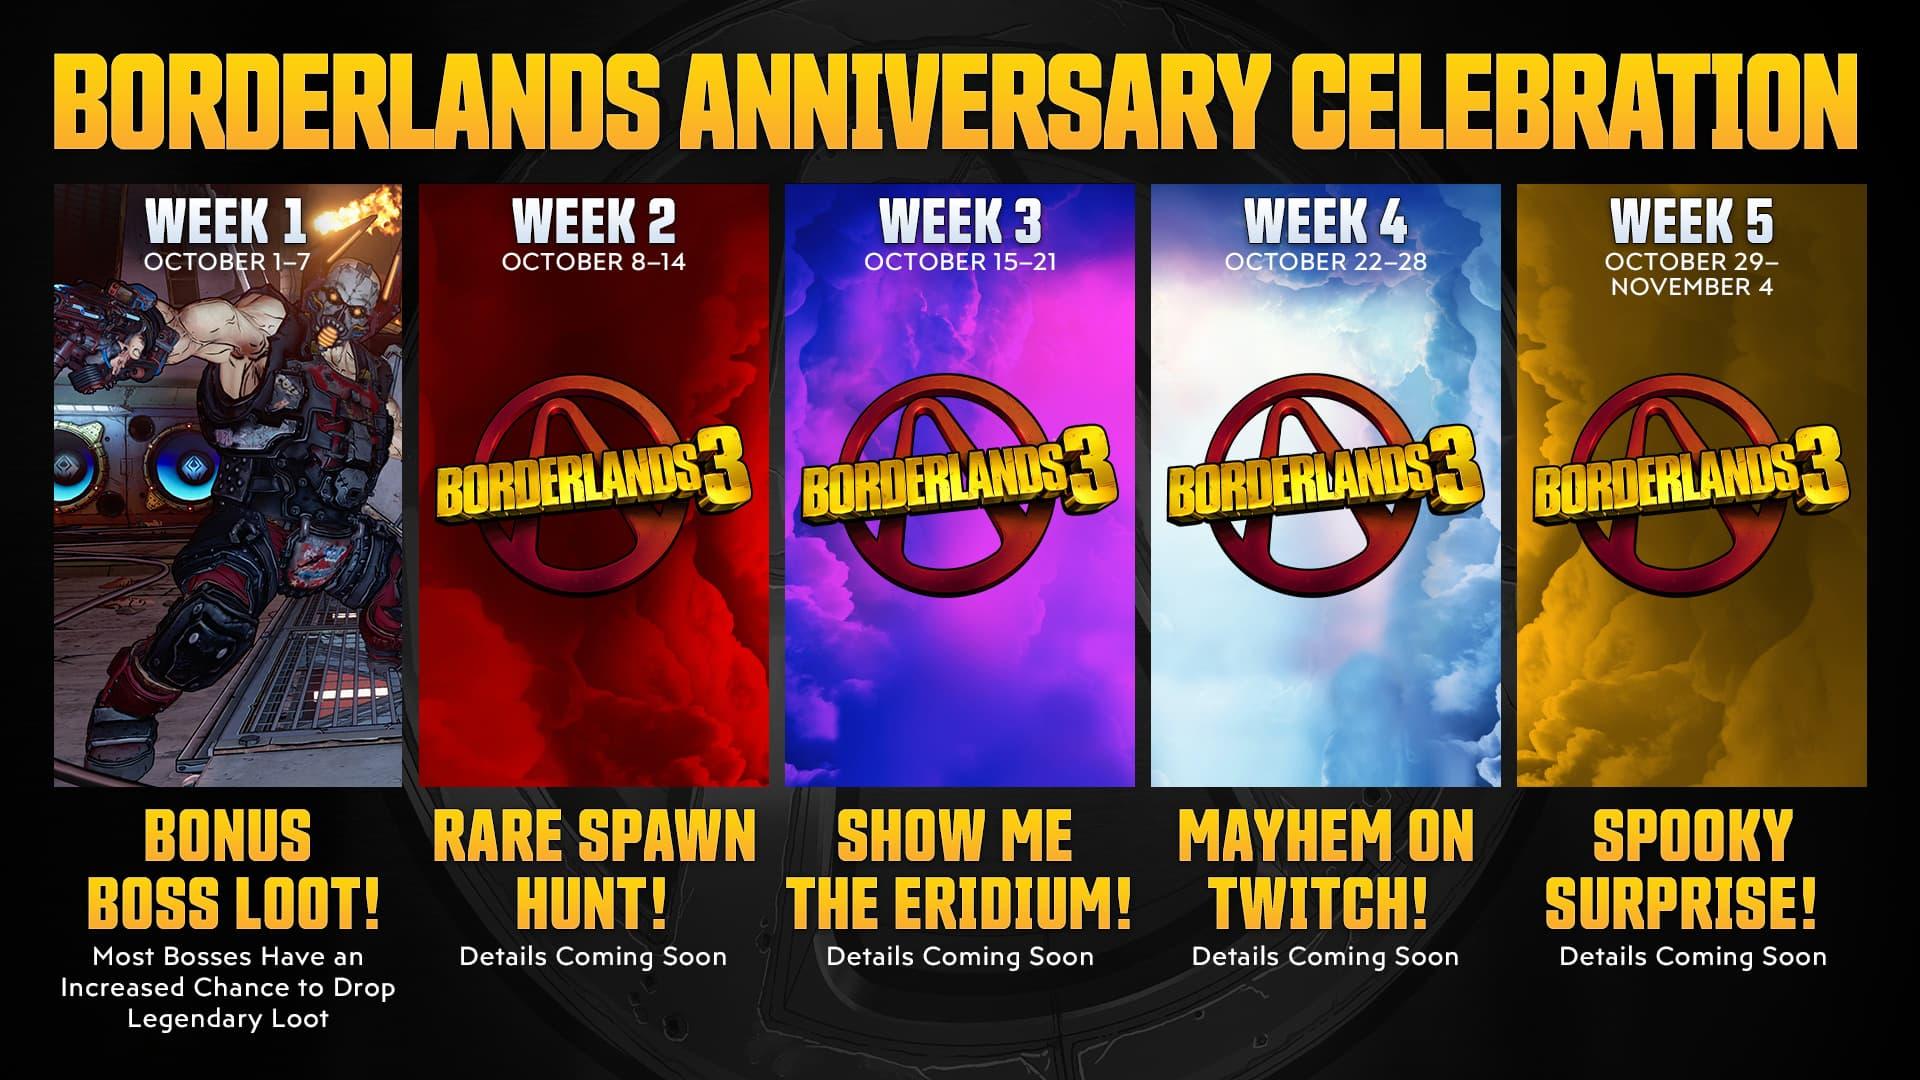 Este es el contenido que Borderlands 3 recibirá por el 10º aniversario de la franquicia 2